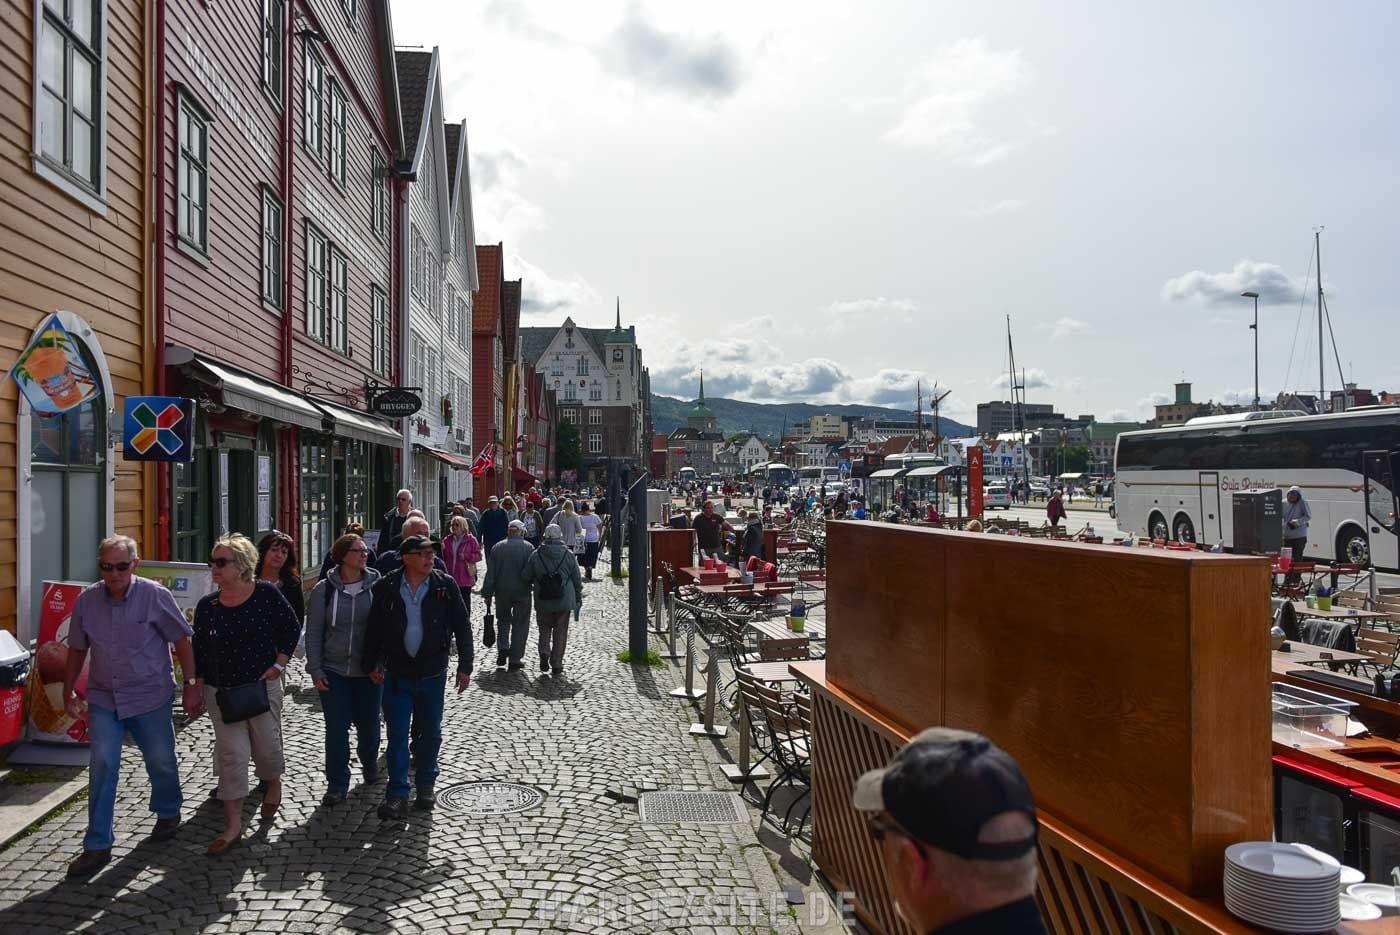 Zeigt die Geschäfte am Hafen von Bergen in Norwegen